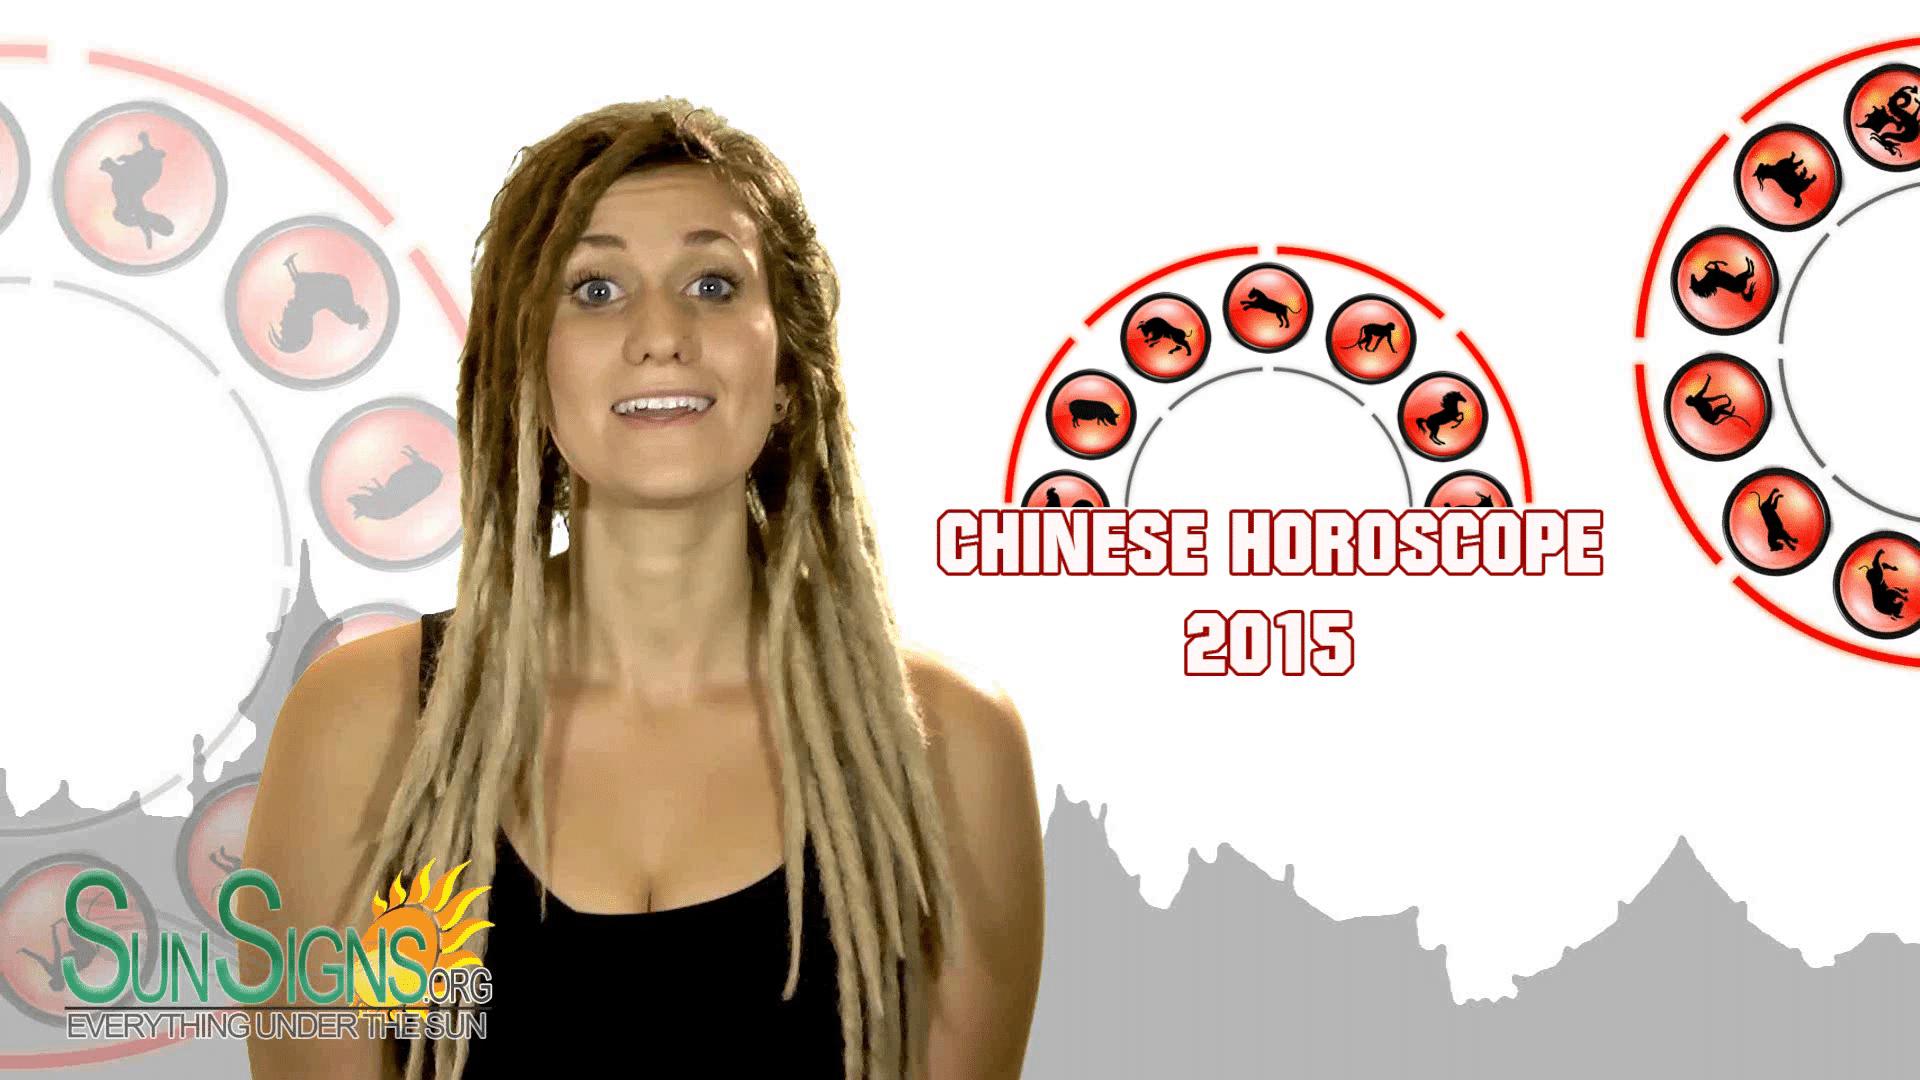 2015 Chinese Horoscope